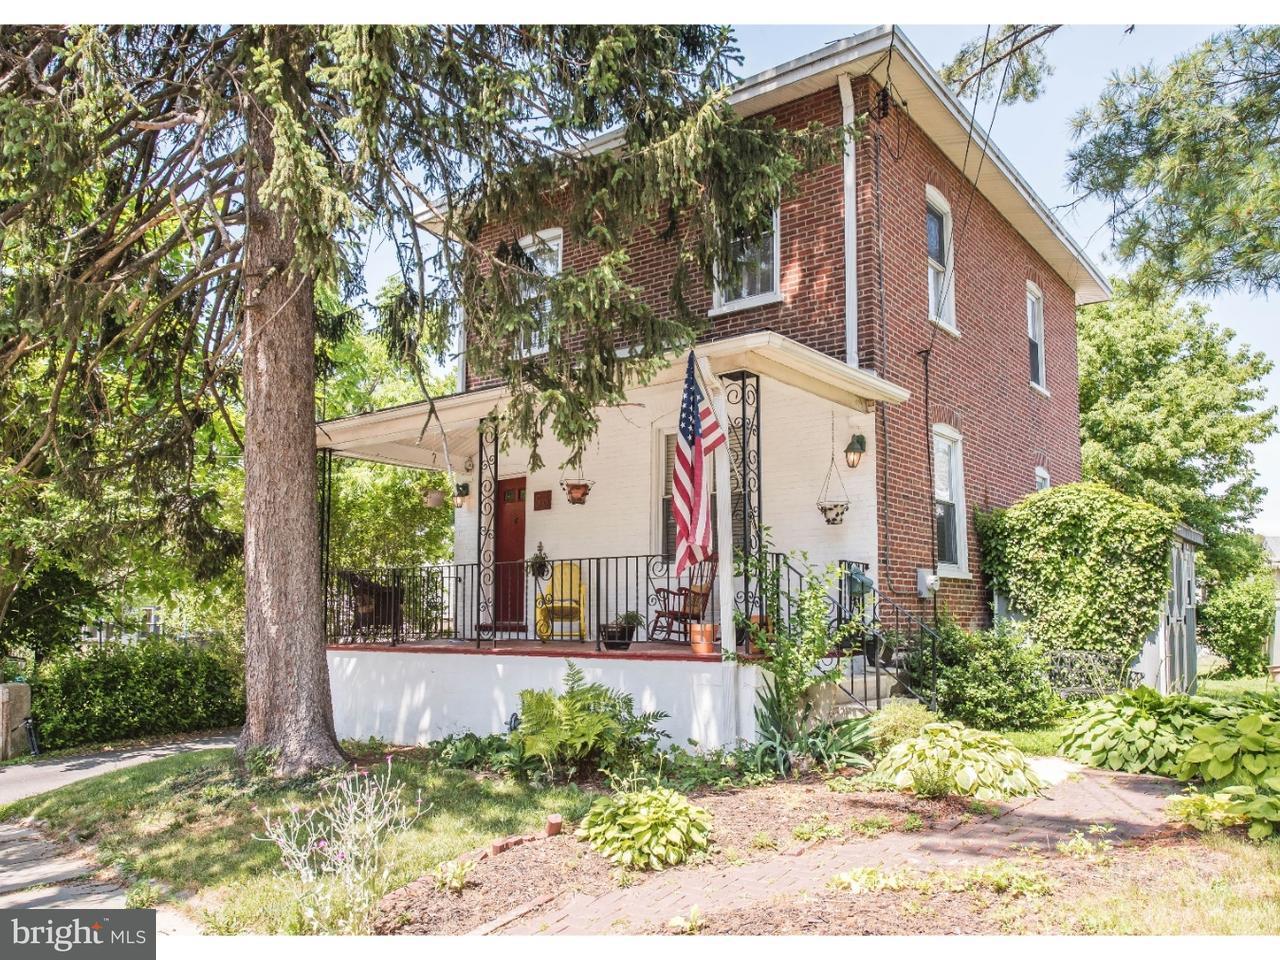 Частный односемейный дом для того Продажа на 53 E CLEVELAND Avenue Norwood, Пенсильвания 19074 Соединенные Штаты